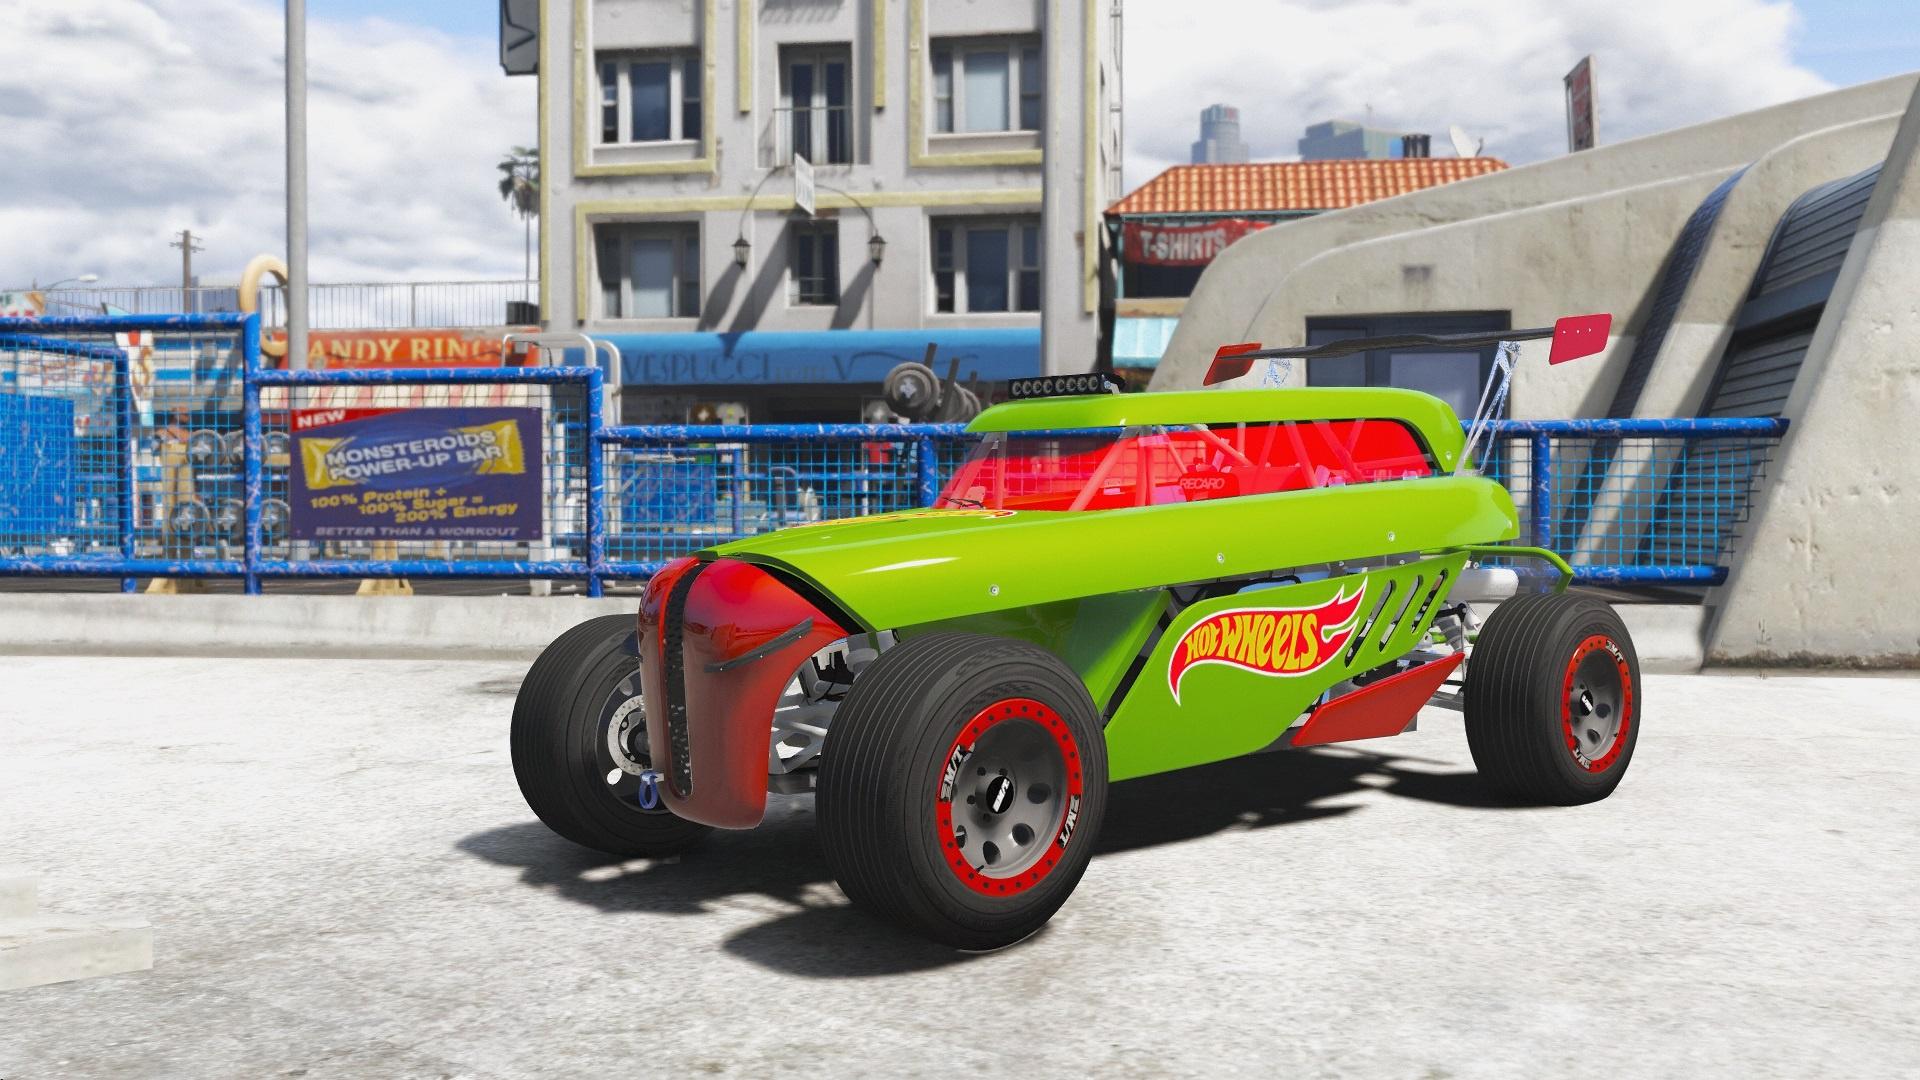 Wheel Mod Gta Sa, C  01 20, Wheel Mod Gta Sa